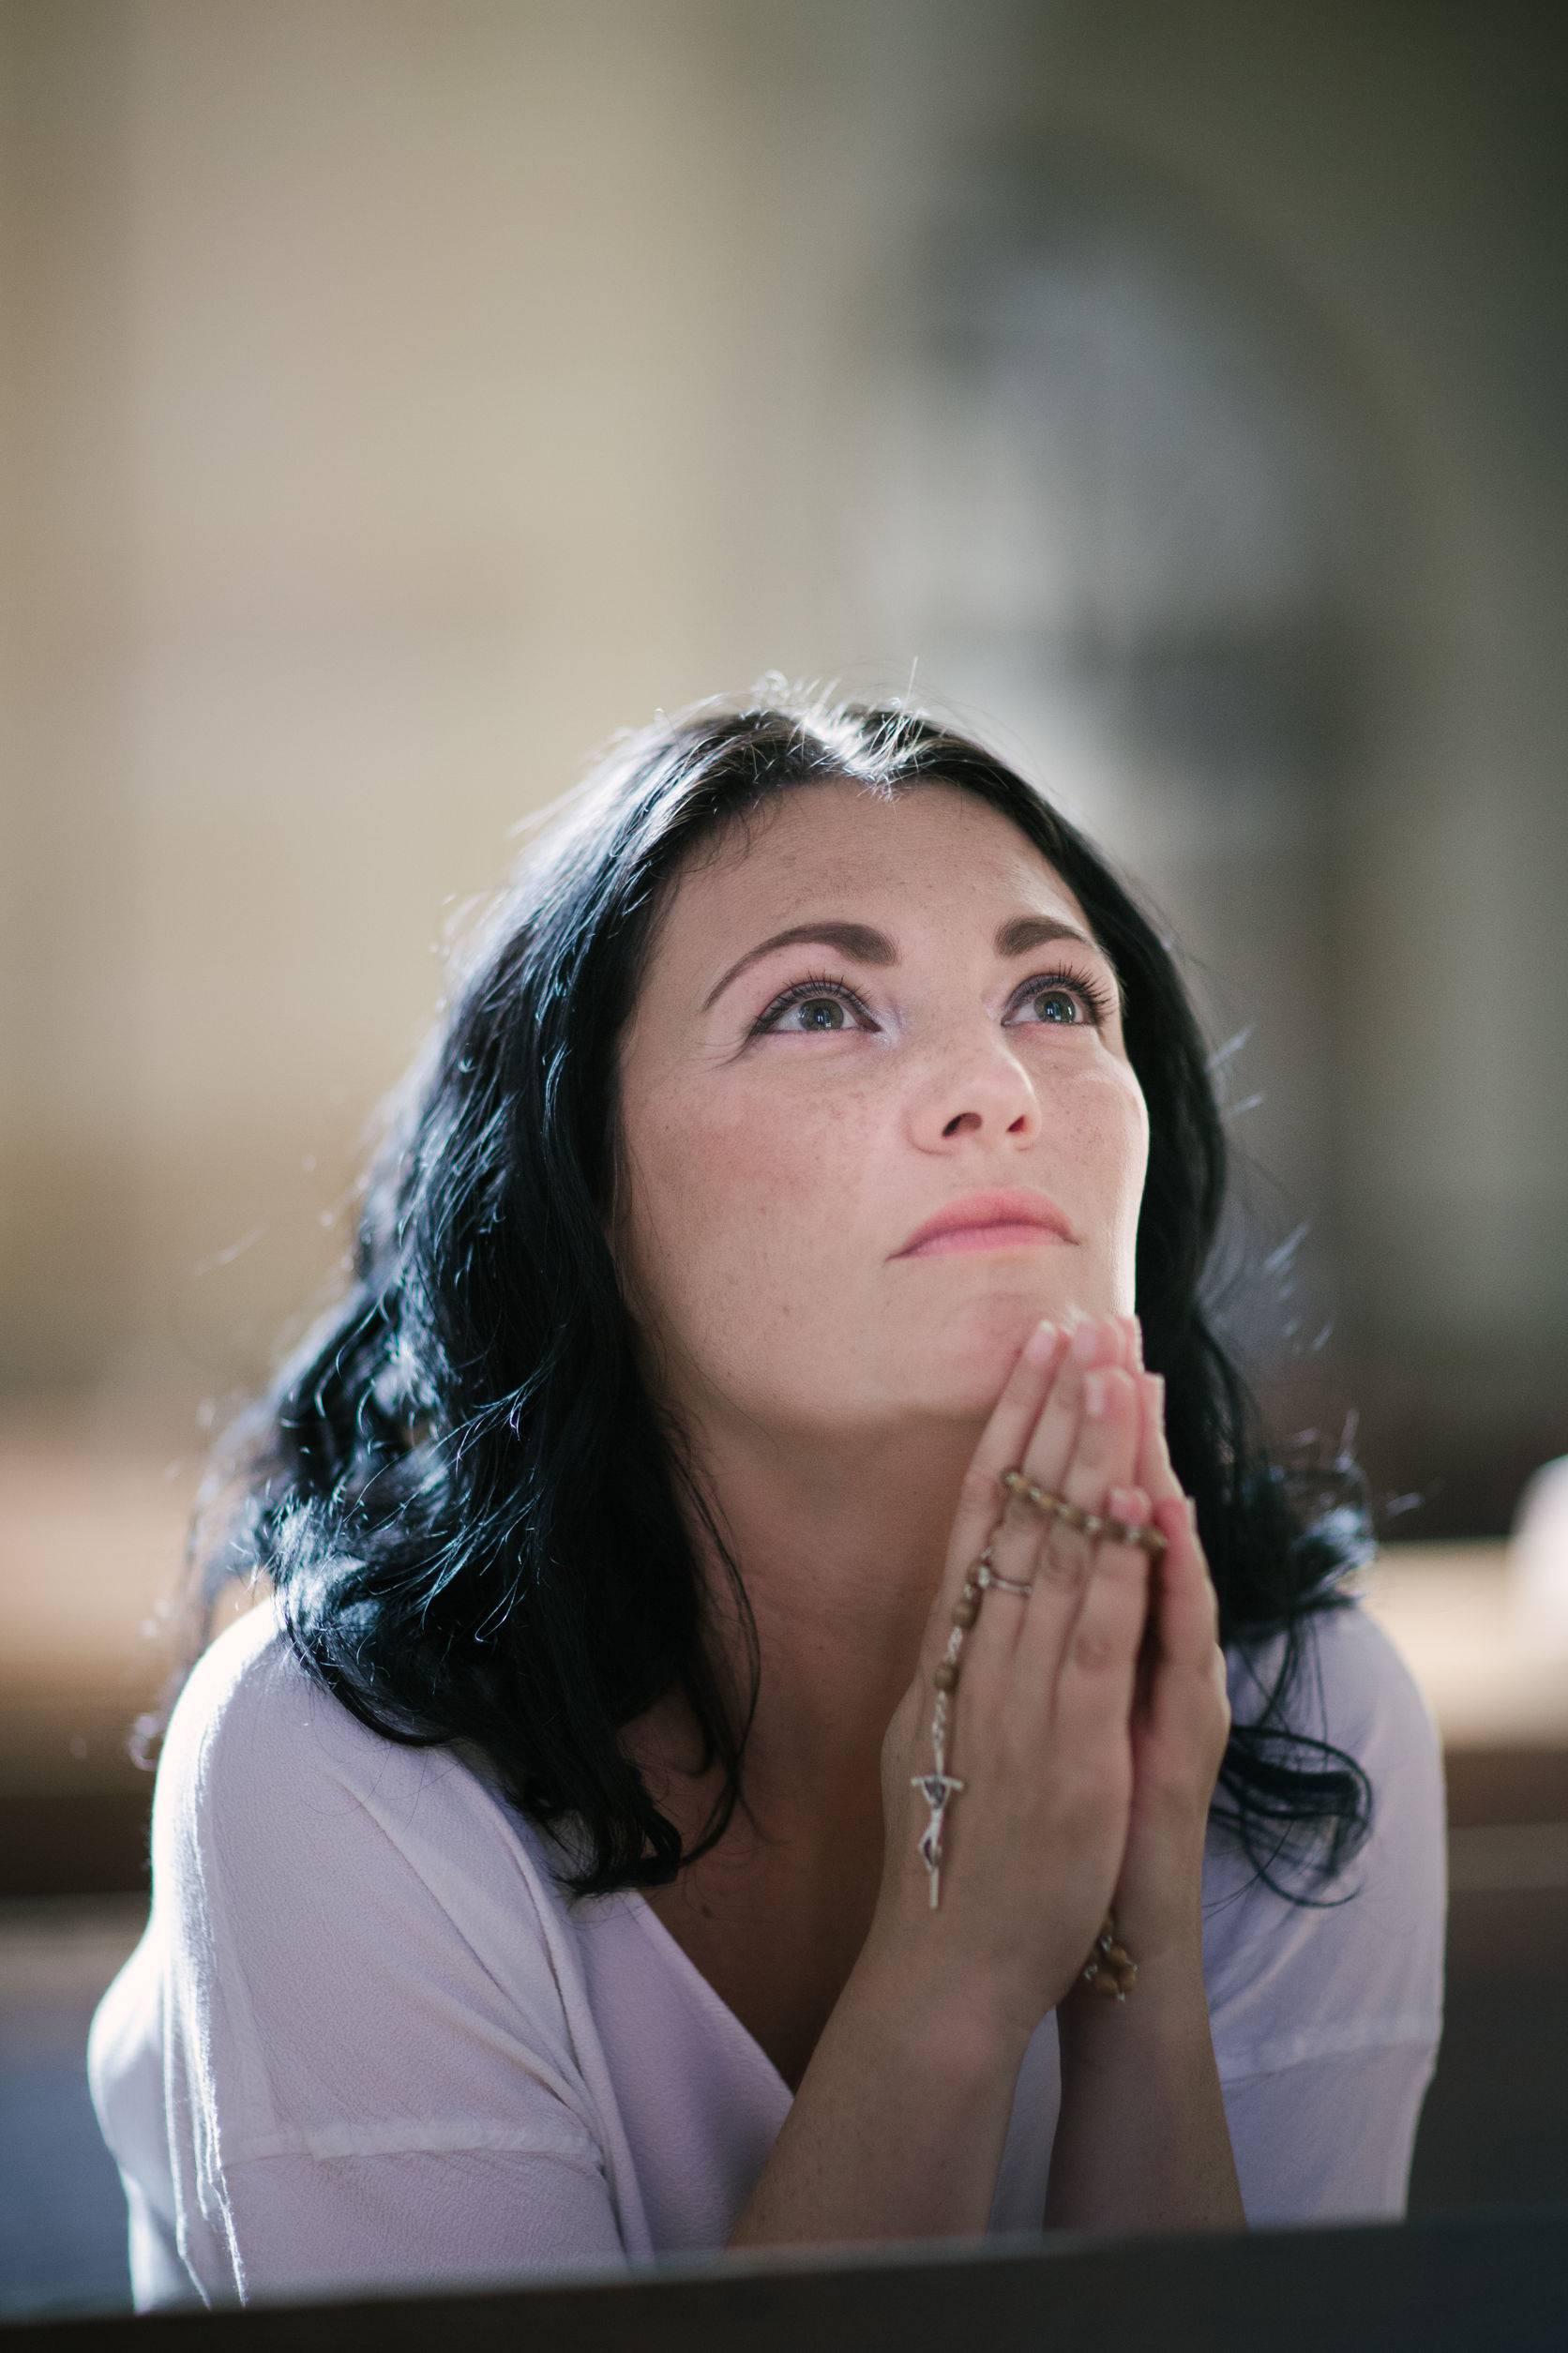 Za vrijeme pandemije moliti su se počeli i vjernici i nevjernici